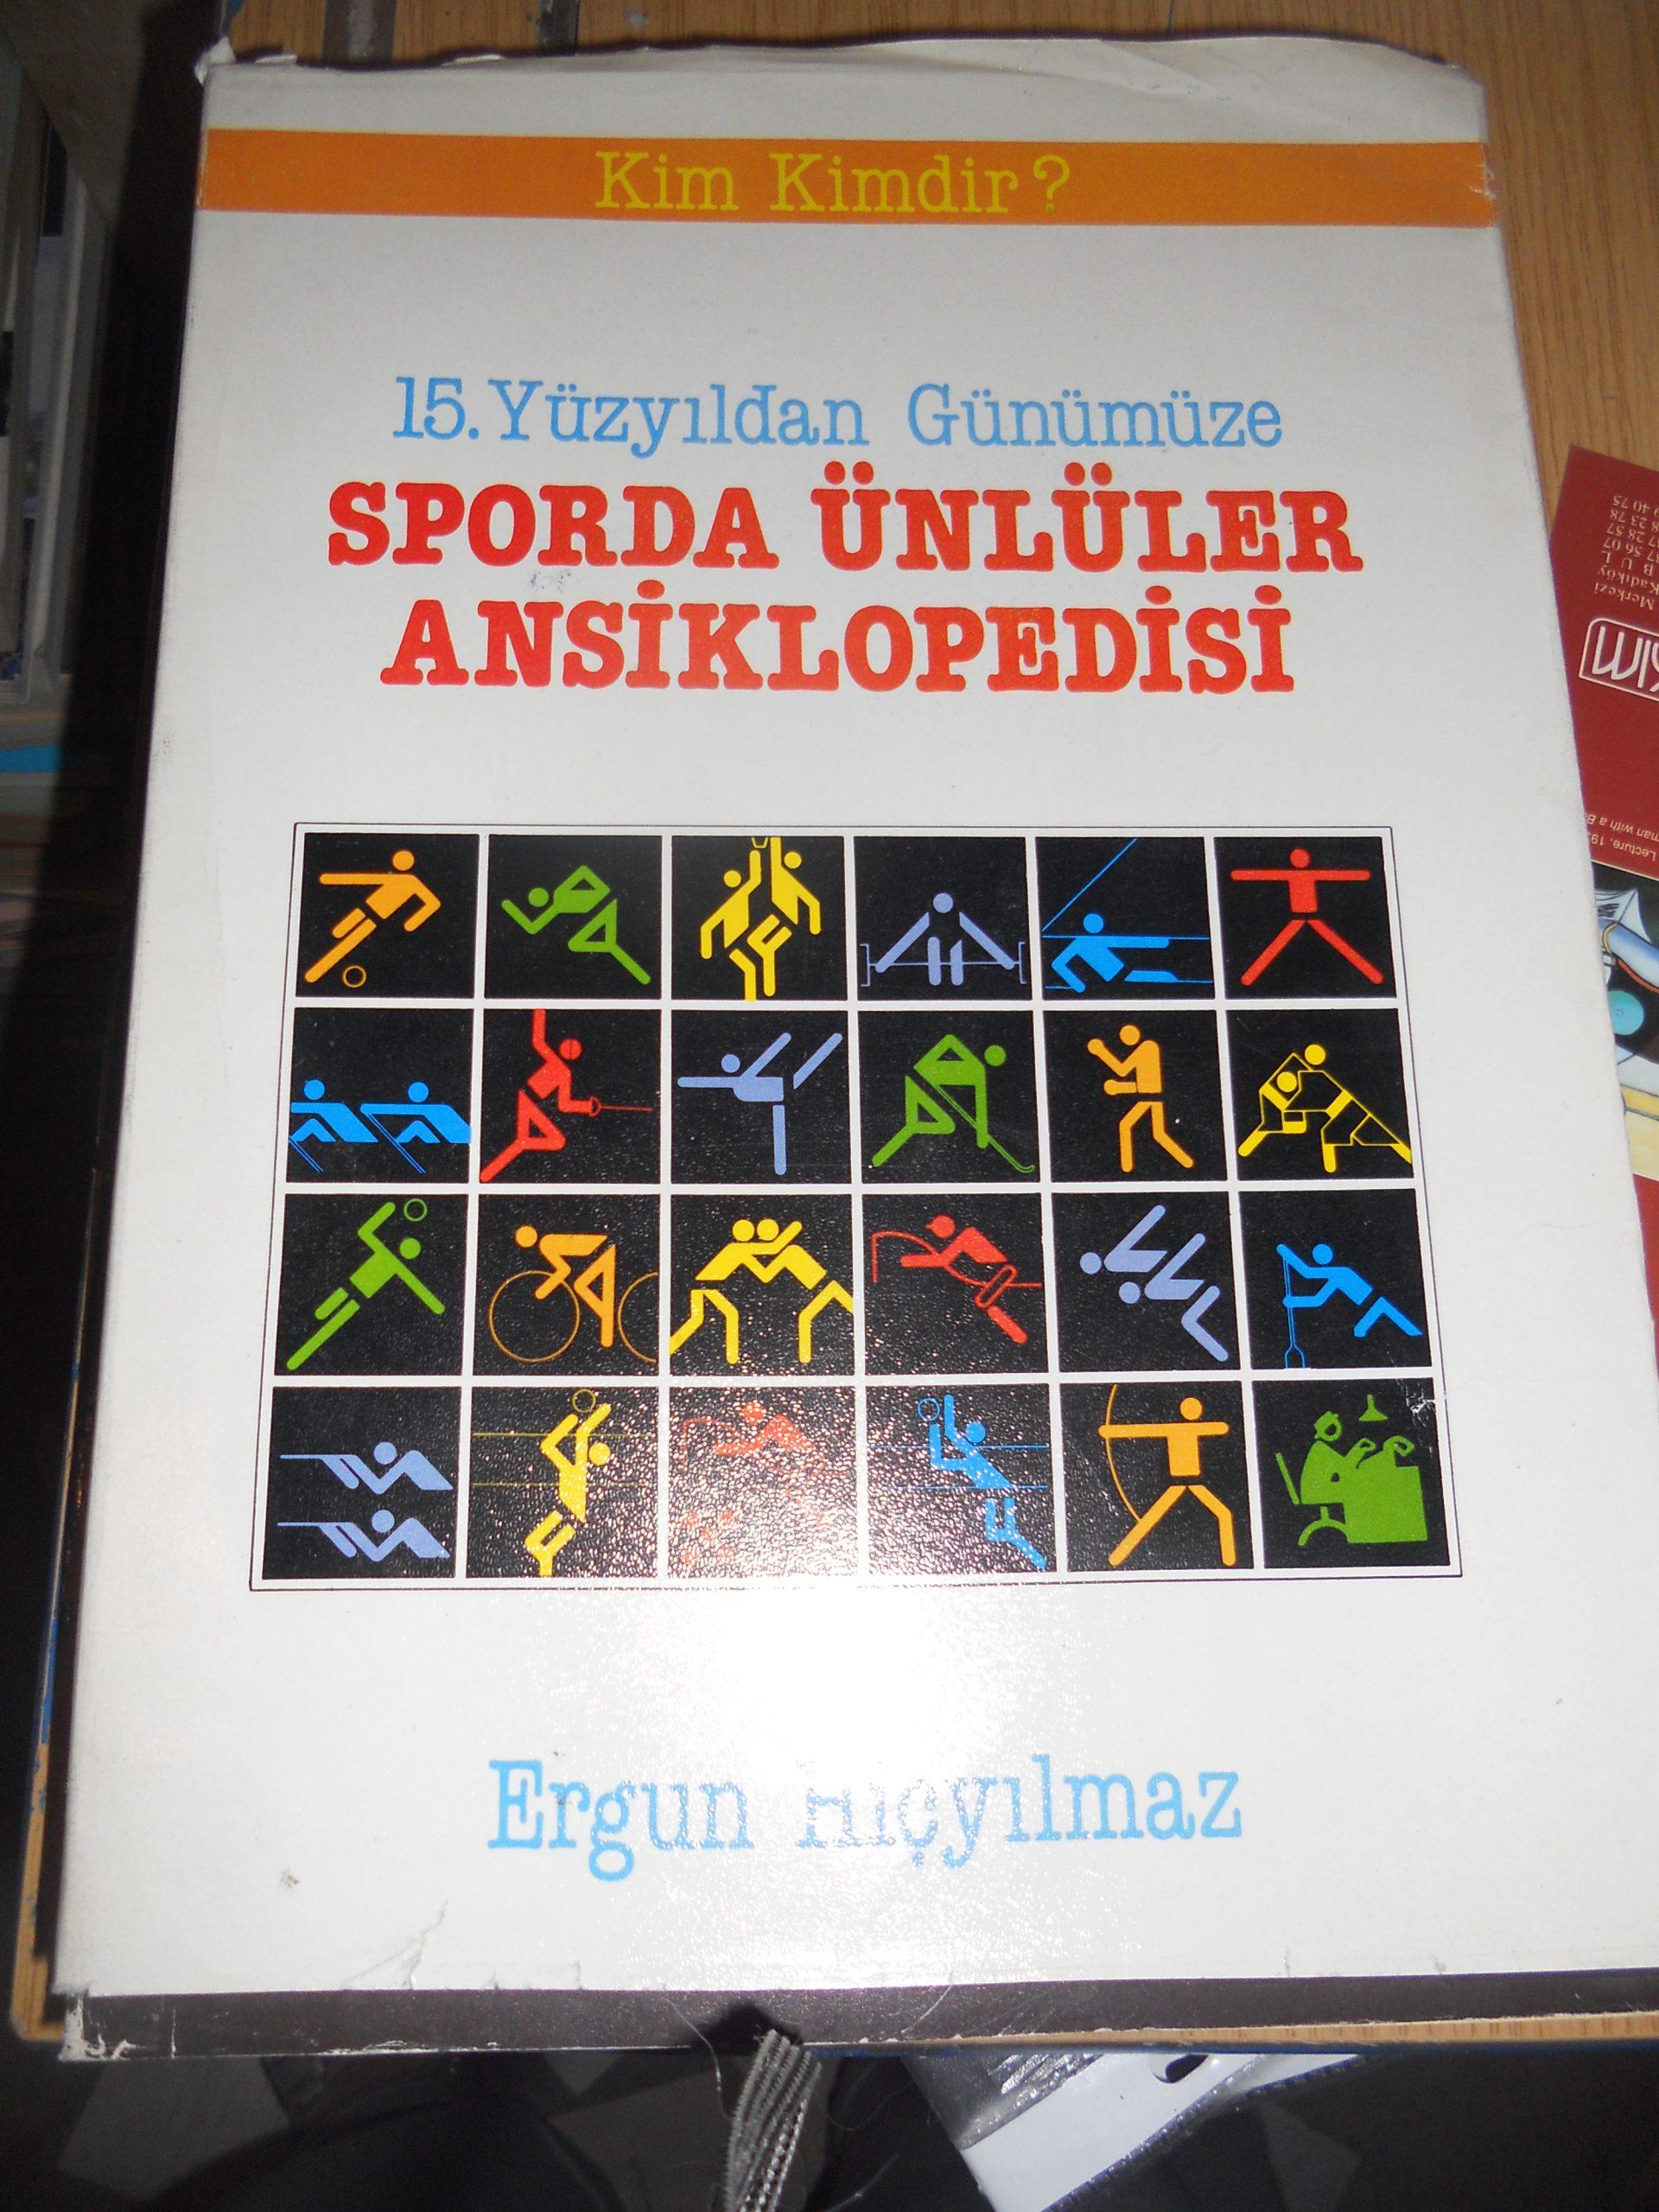 15 Yüzyıldan Günümüze SPORDA ÜNLÜLER ANSIKLOPEDİSİ/Ergun HİÇYILMAZ/25 tl